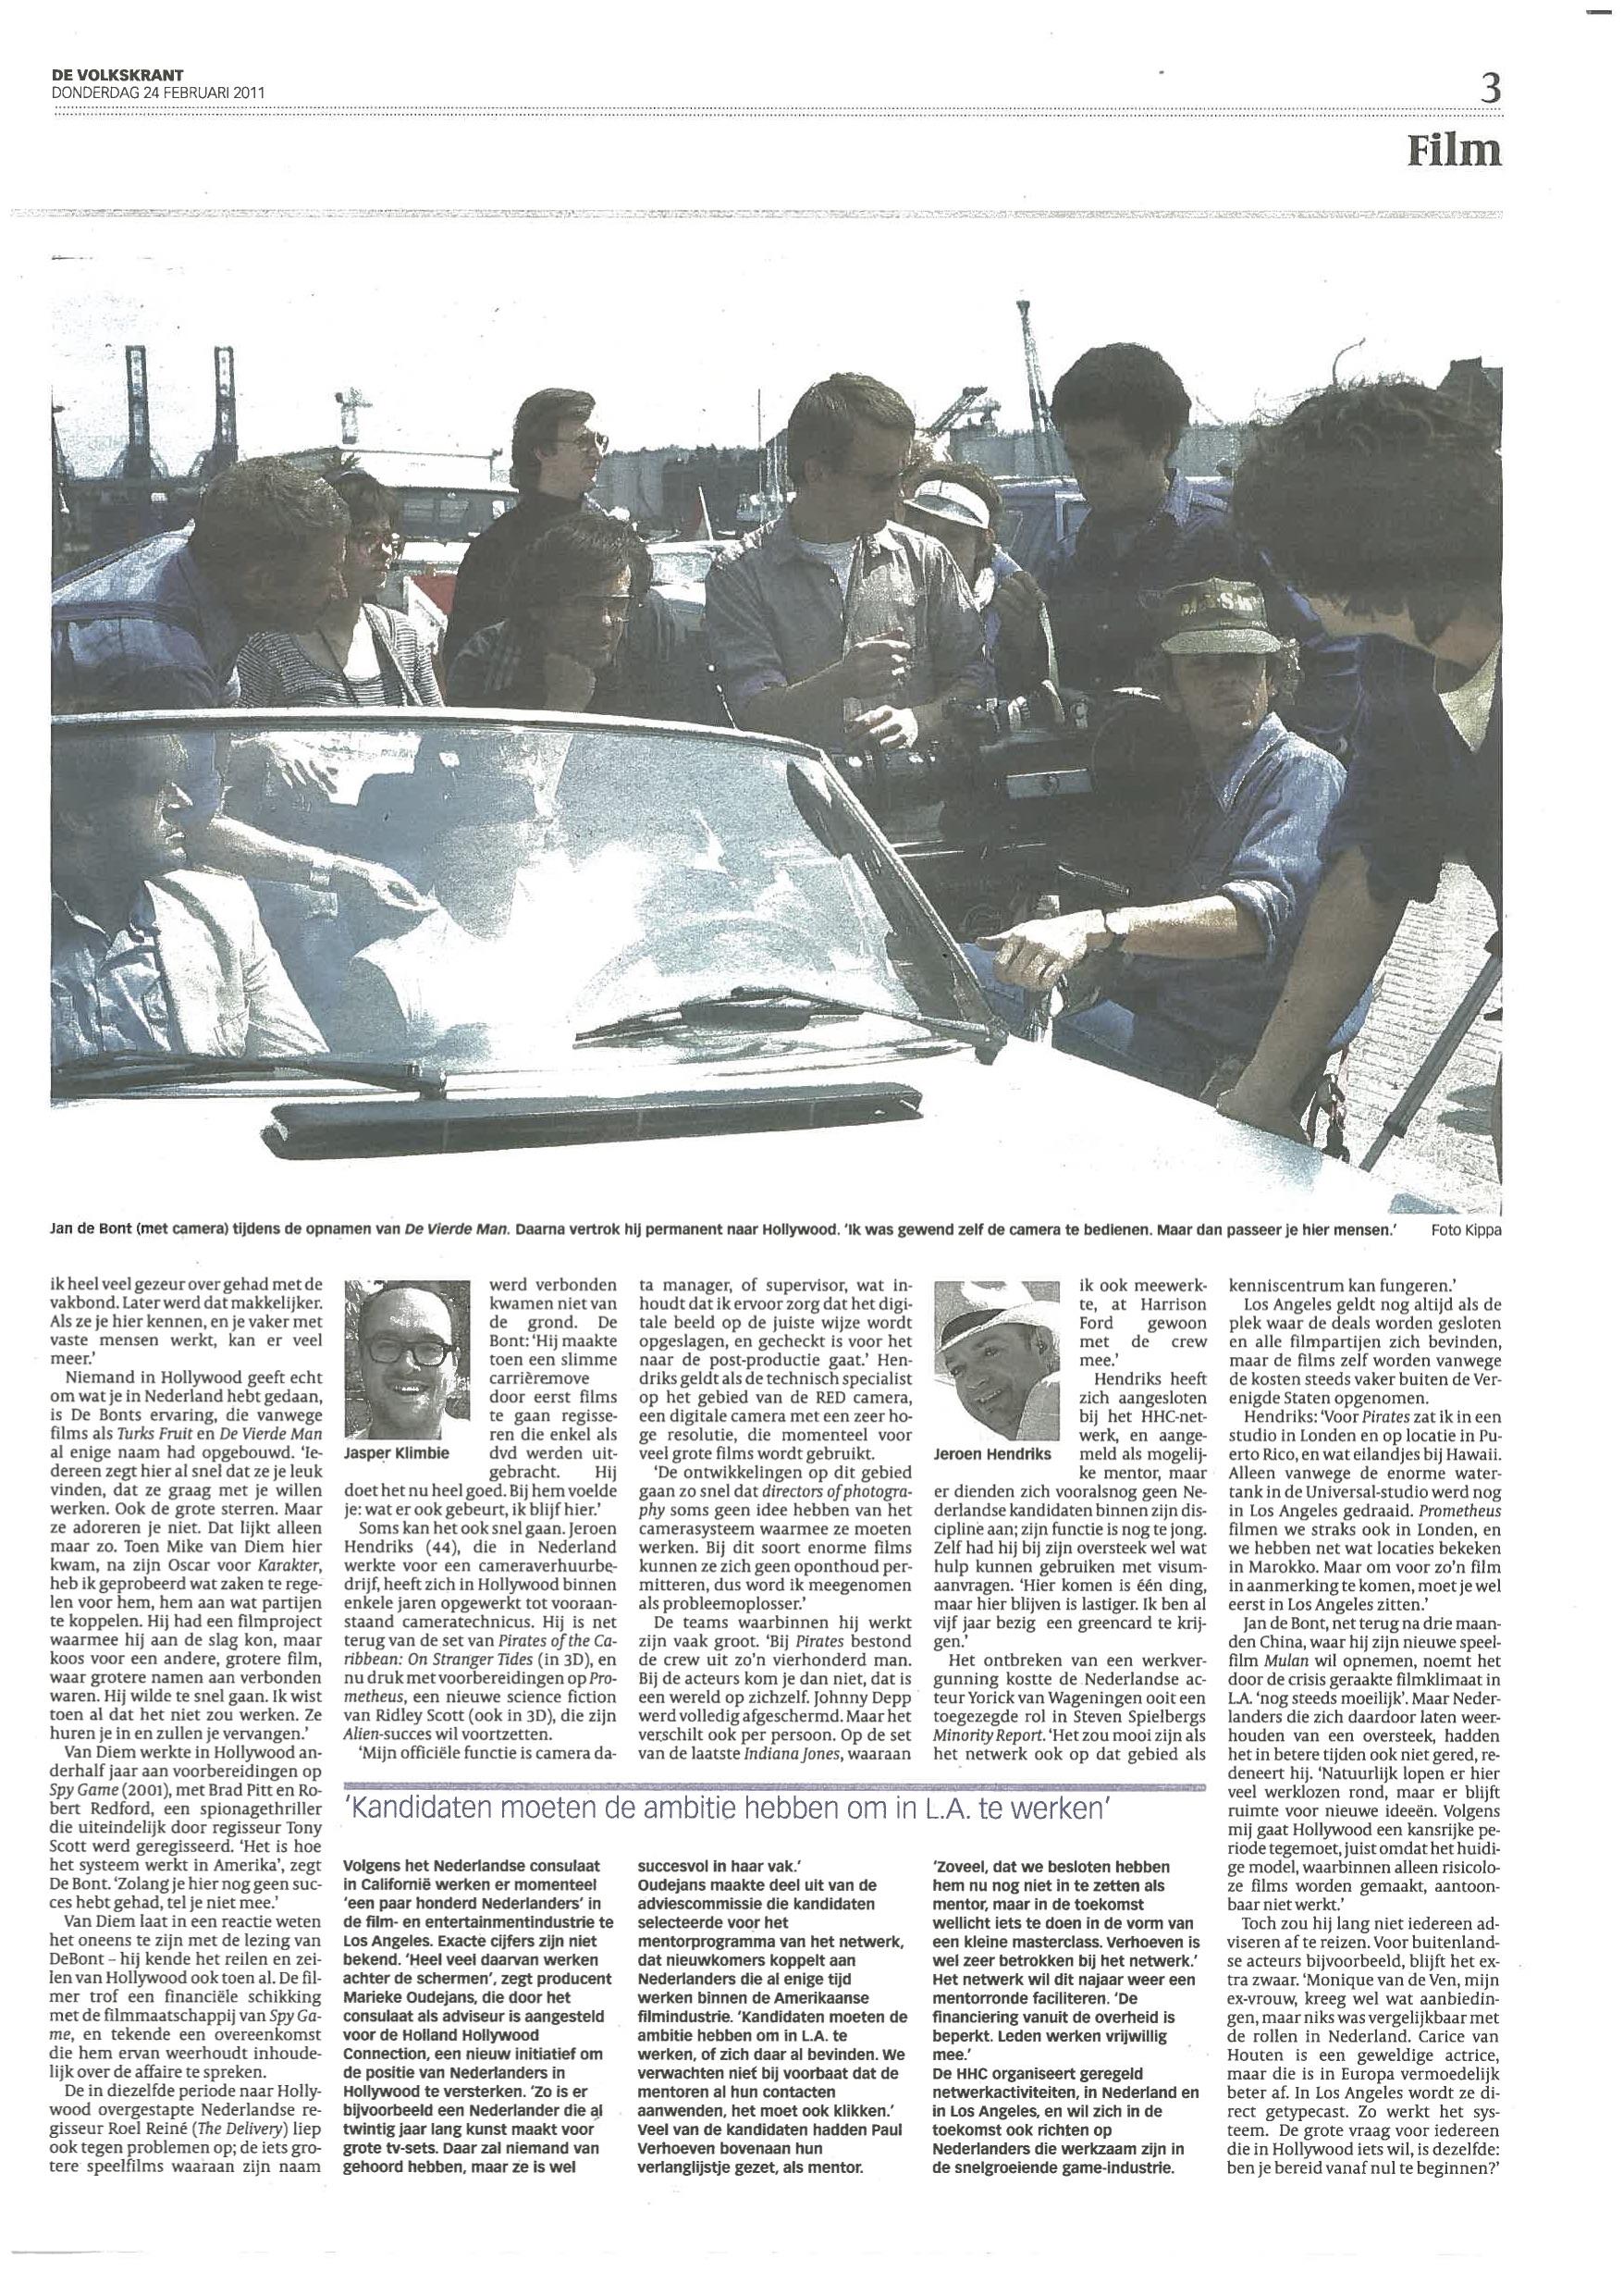 De Volkskrant Newspaper